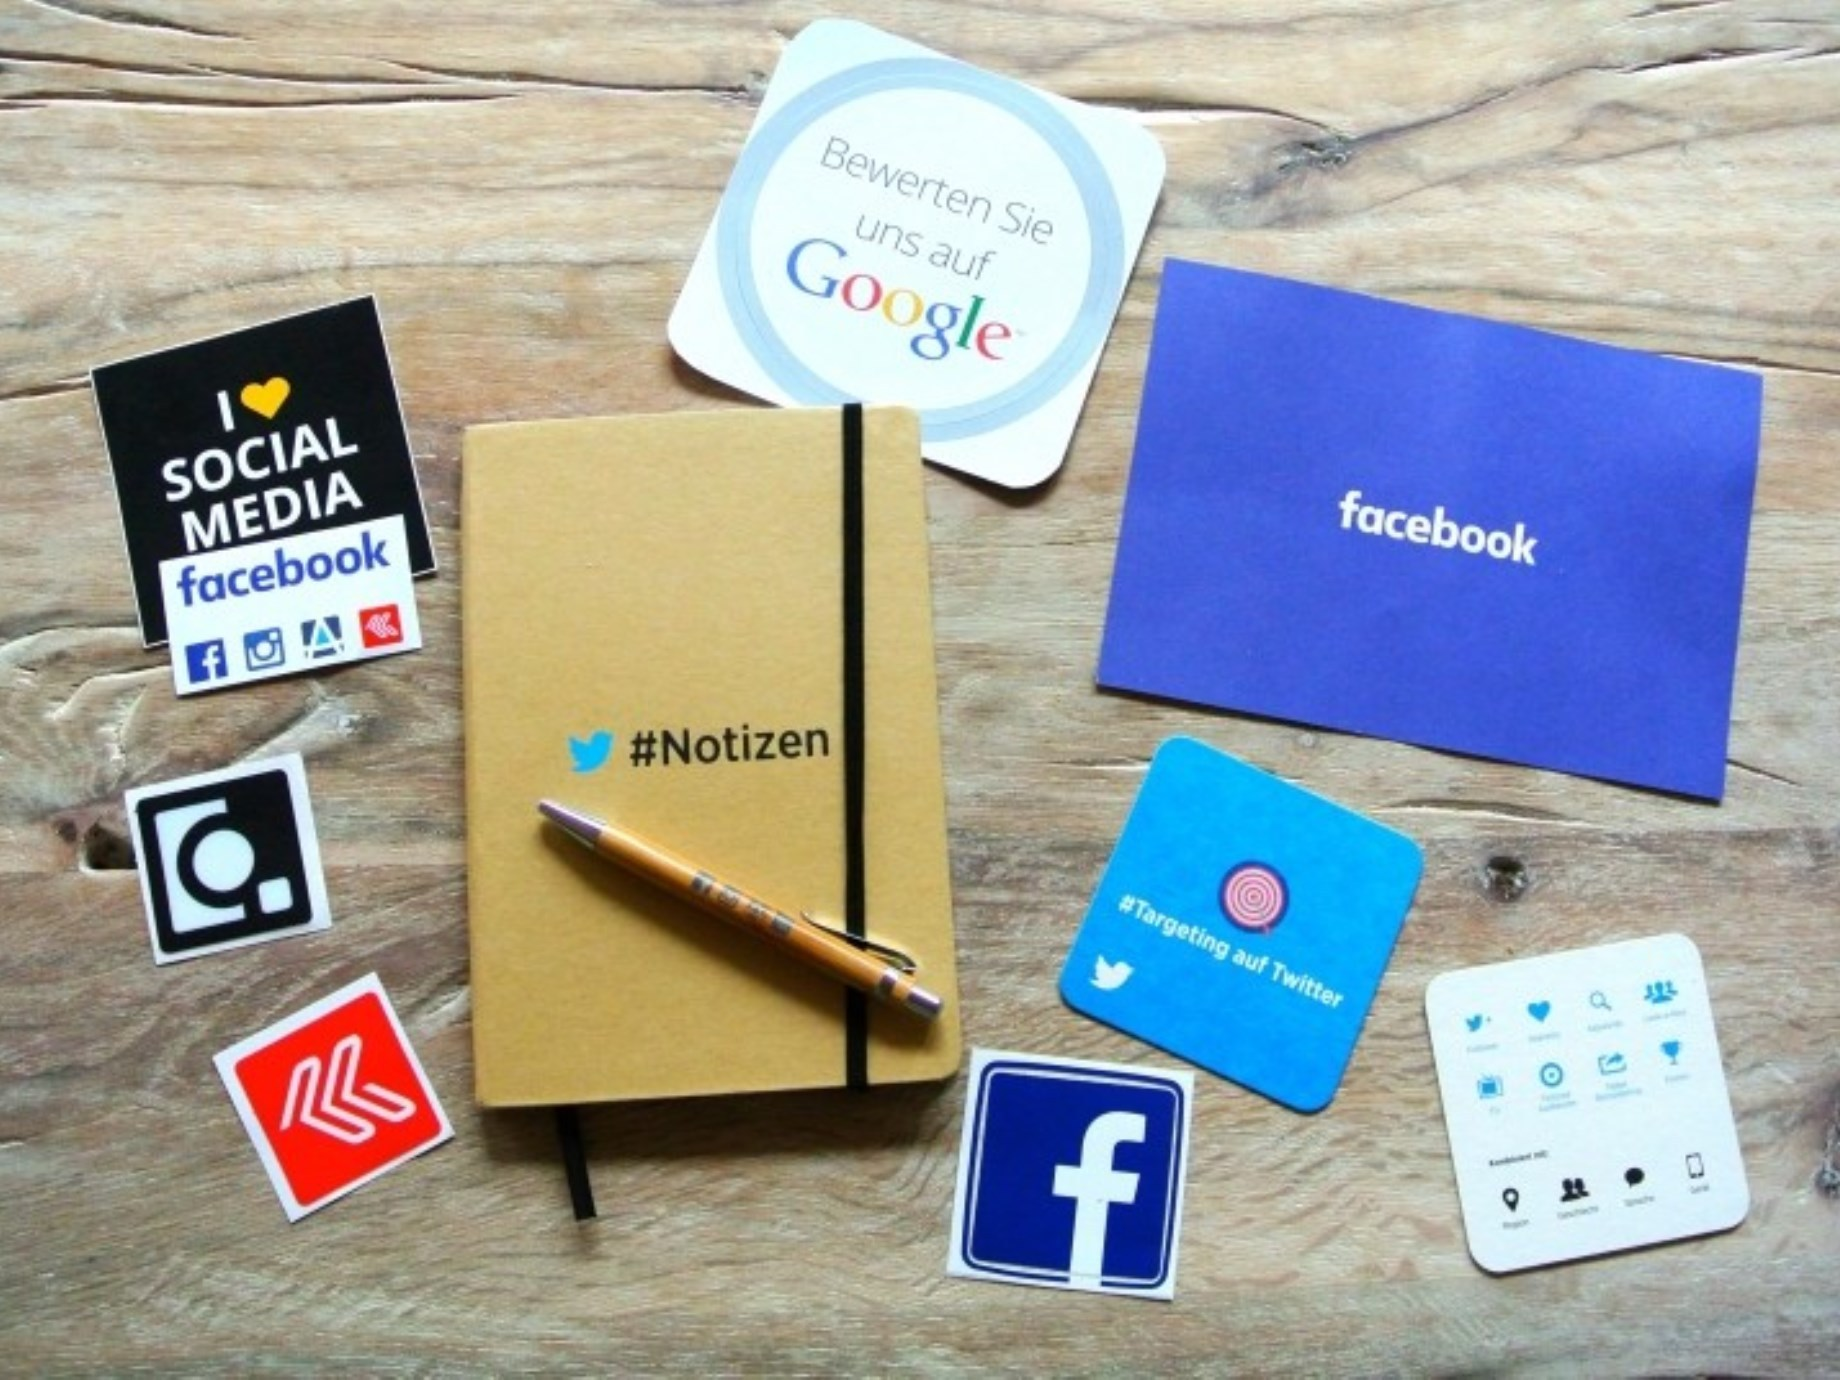 搶救Facebook貼文觸及率,3招讓品牌脫穎而出